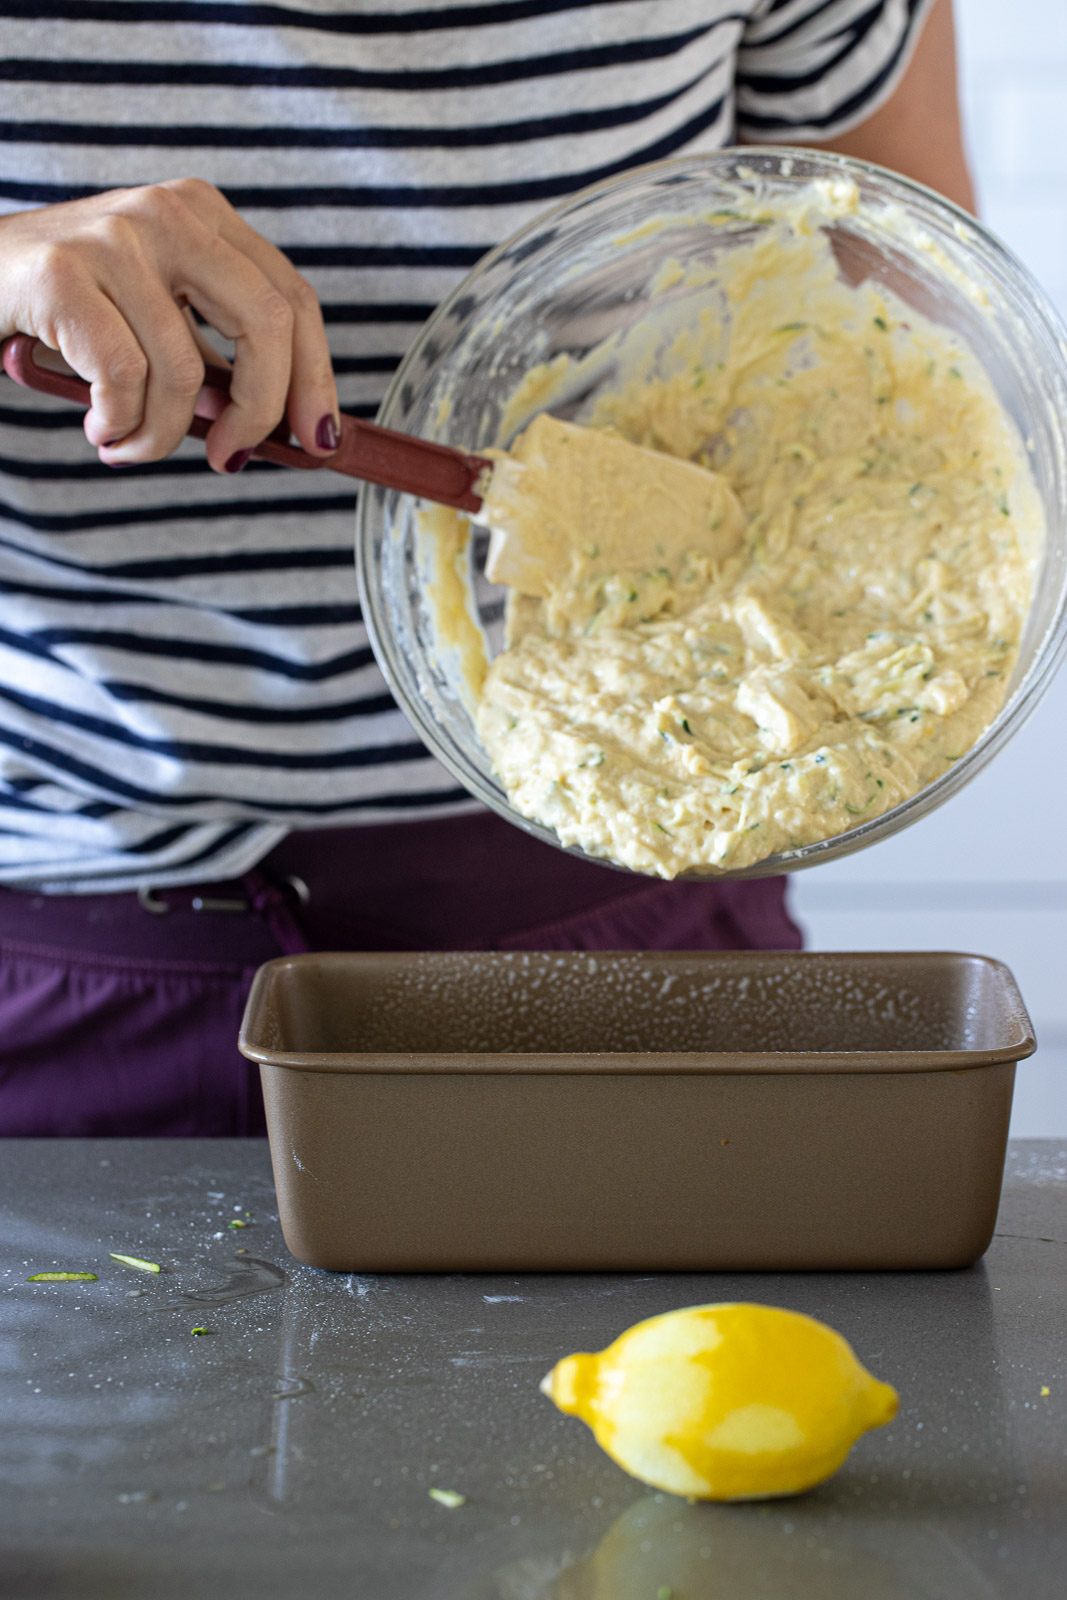 Woman pouring lemon zucchini bread batter into a bread pan.